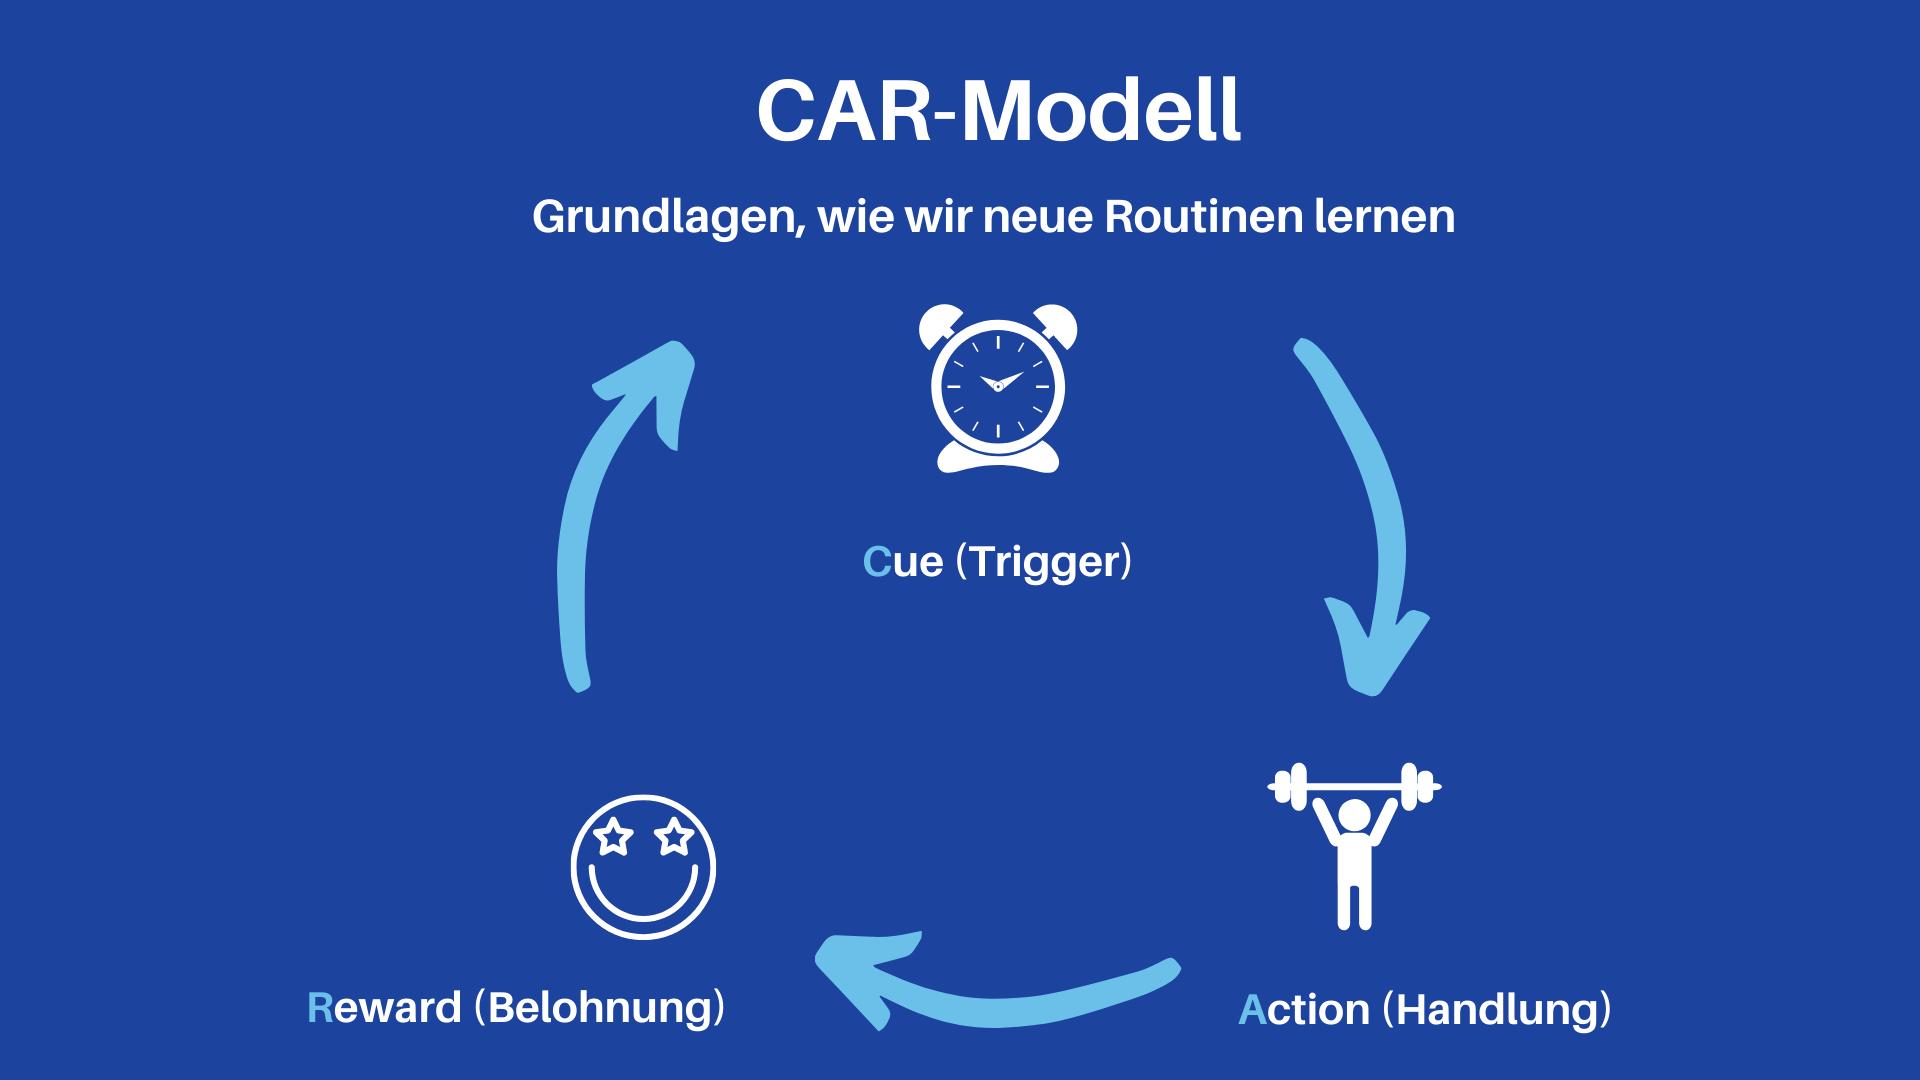 DiGAs, die hängen bleiben: Das CAR-Modell, um eure Nutzer an das Produkt zu binden